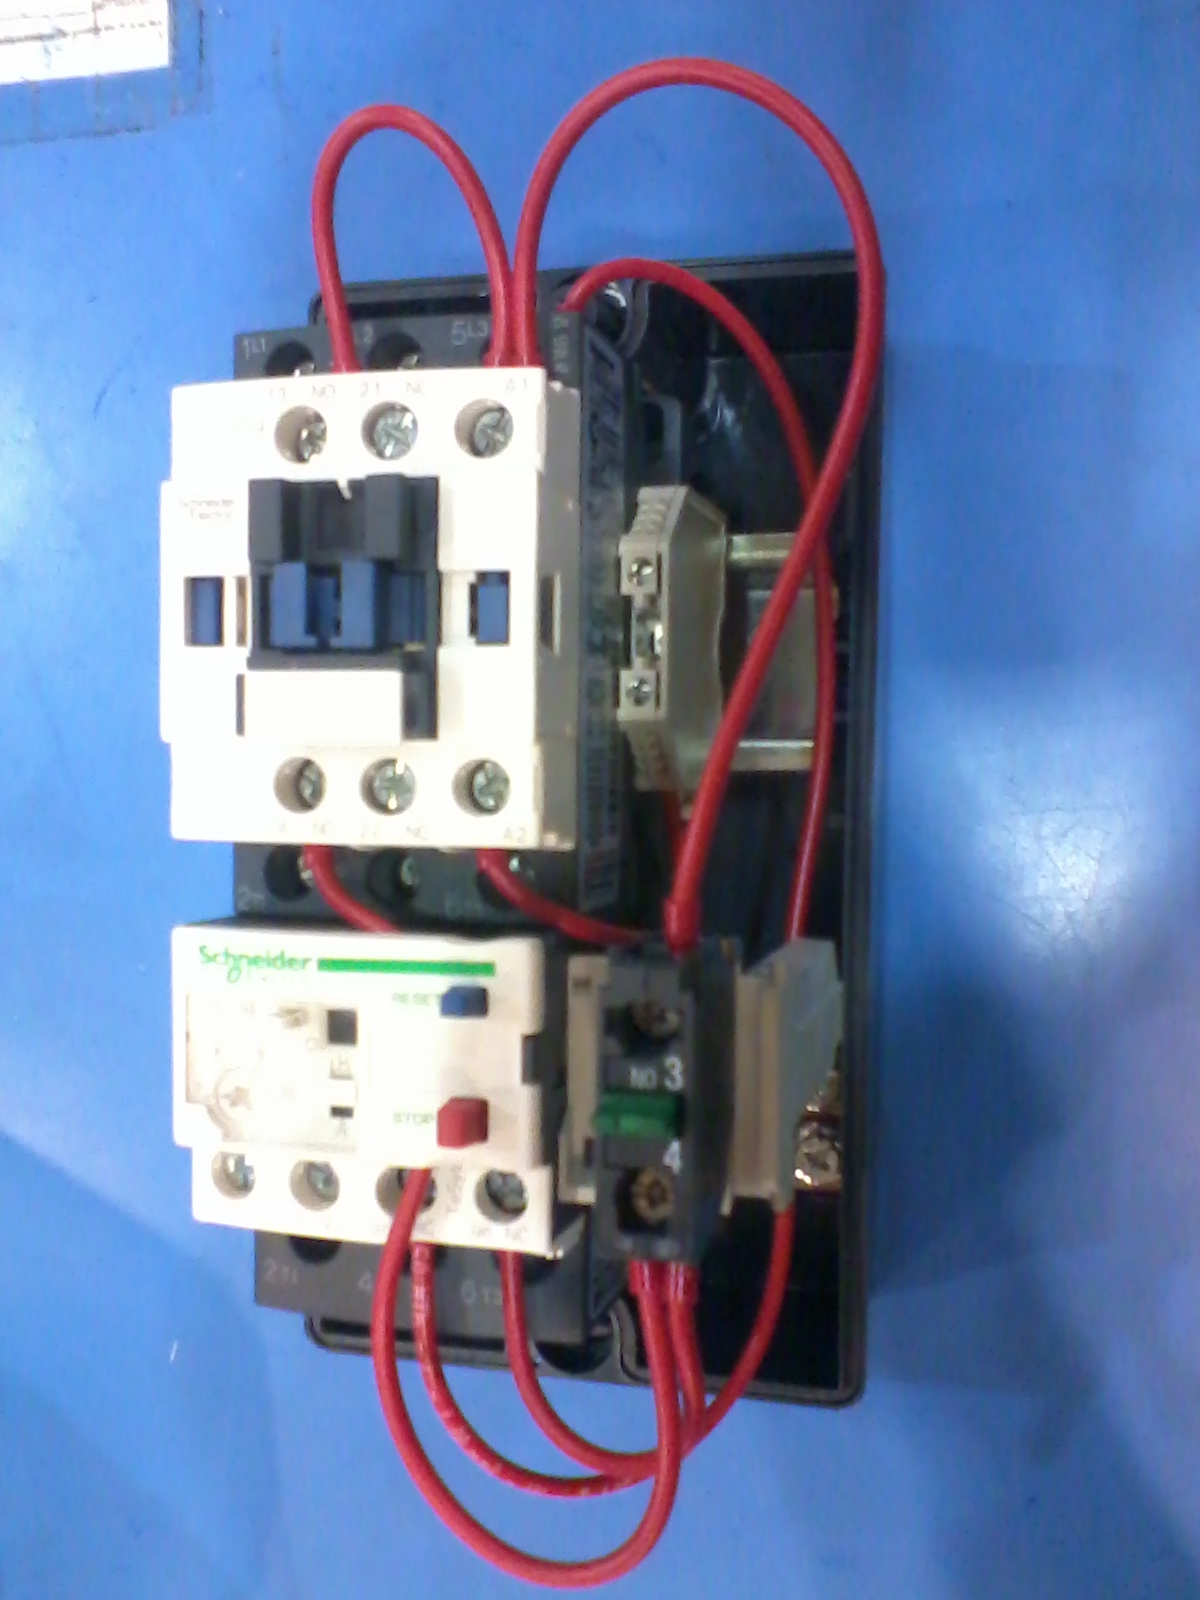 dol starter circuit diagram 180sx wiring vinca 39s blog